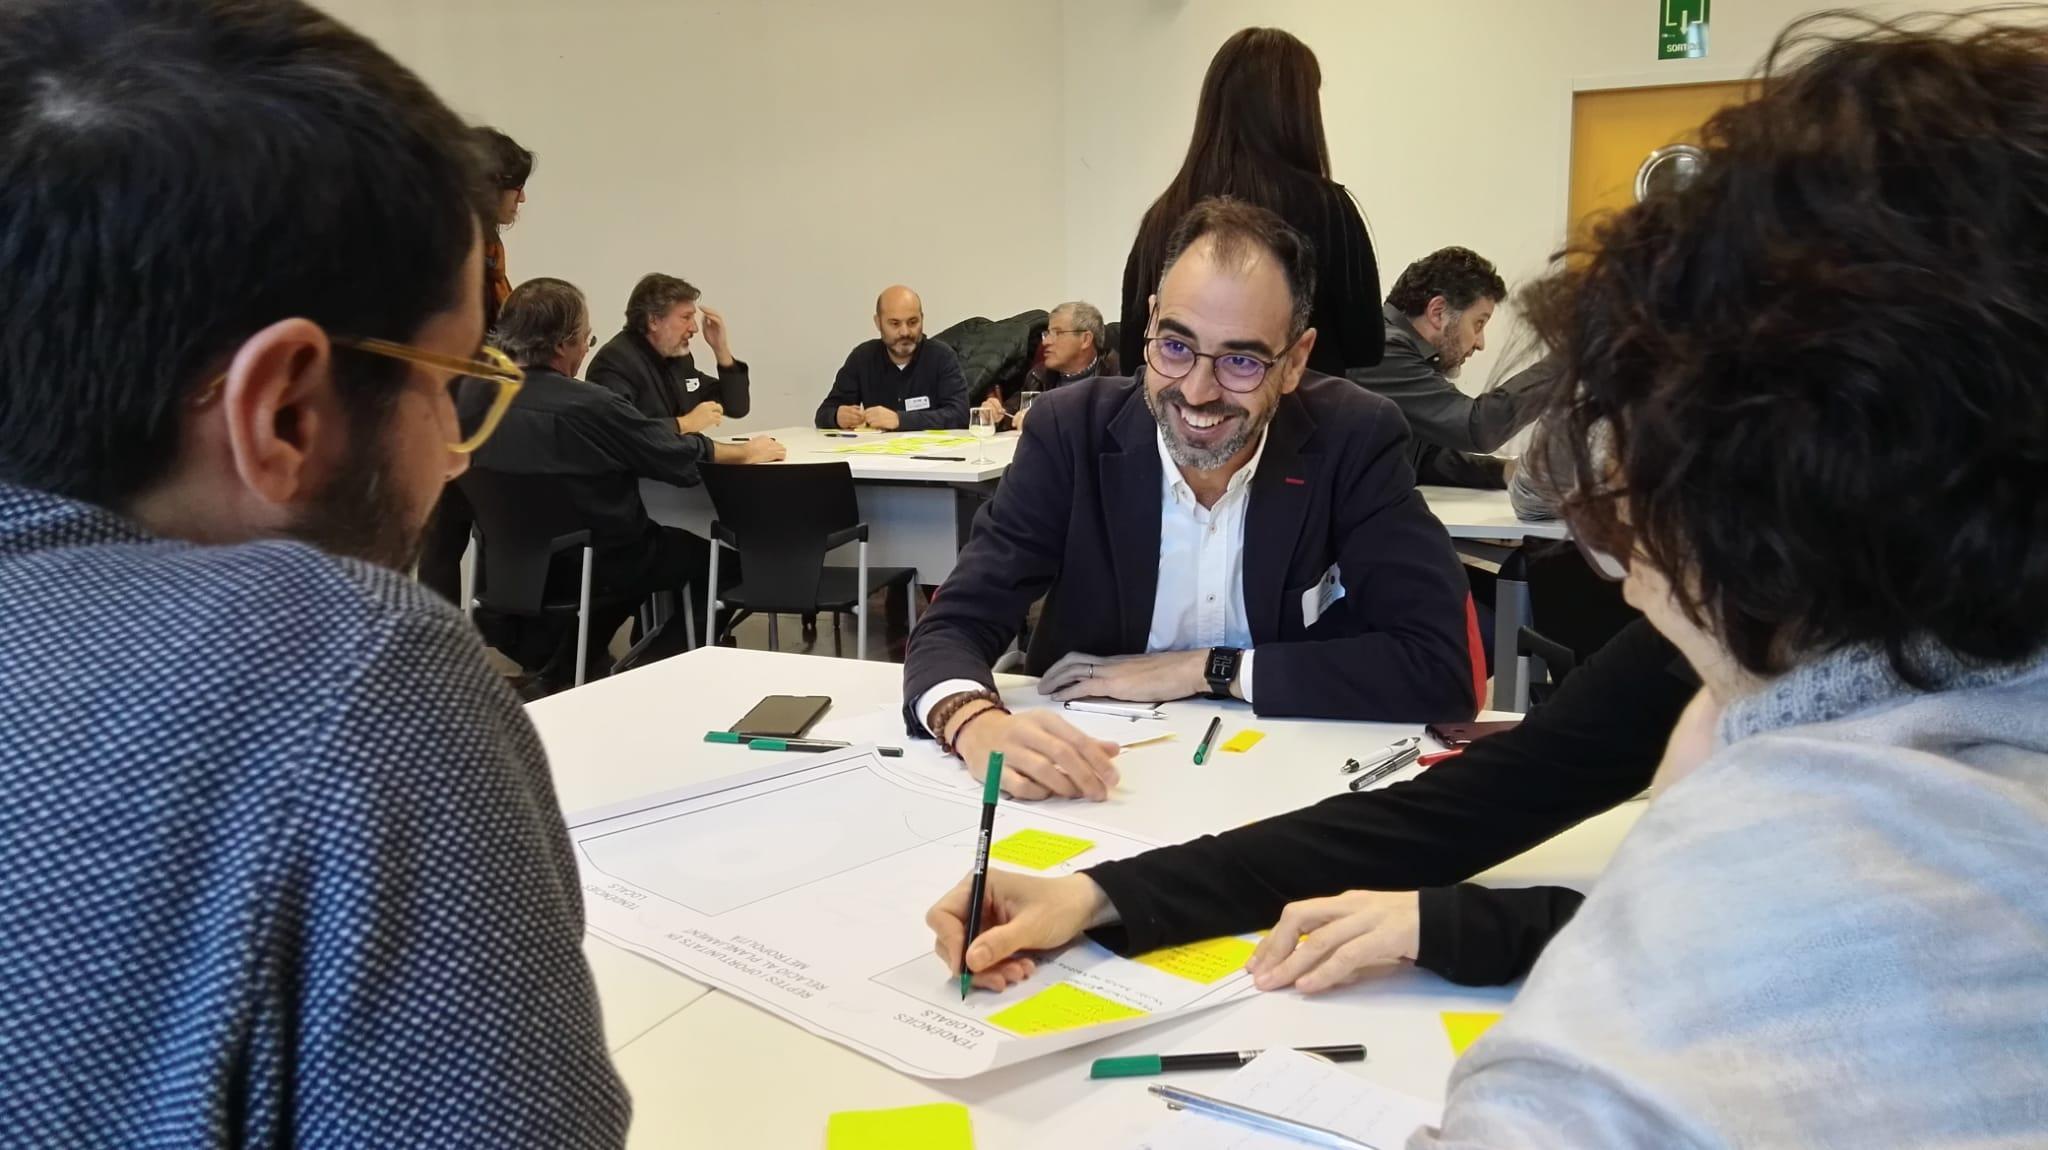 Representants de la quàdruple hèlix es reuneixen per treballar al voltant de la cohesió social i l?habitatge en el PDU